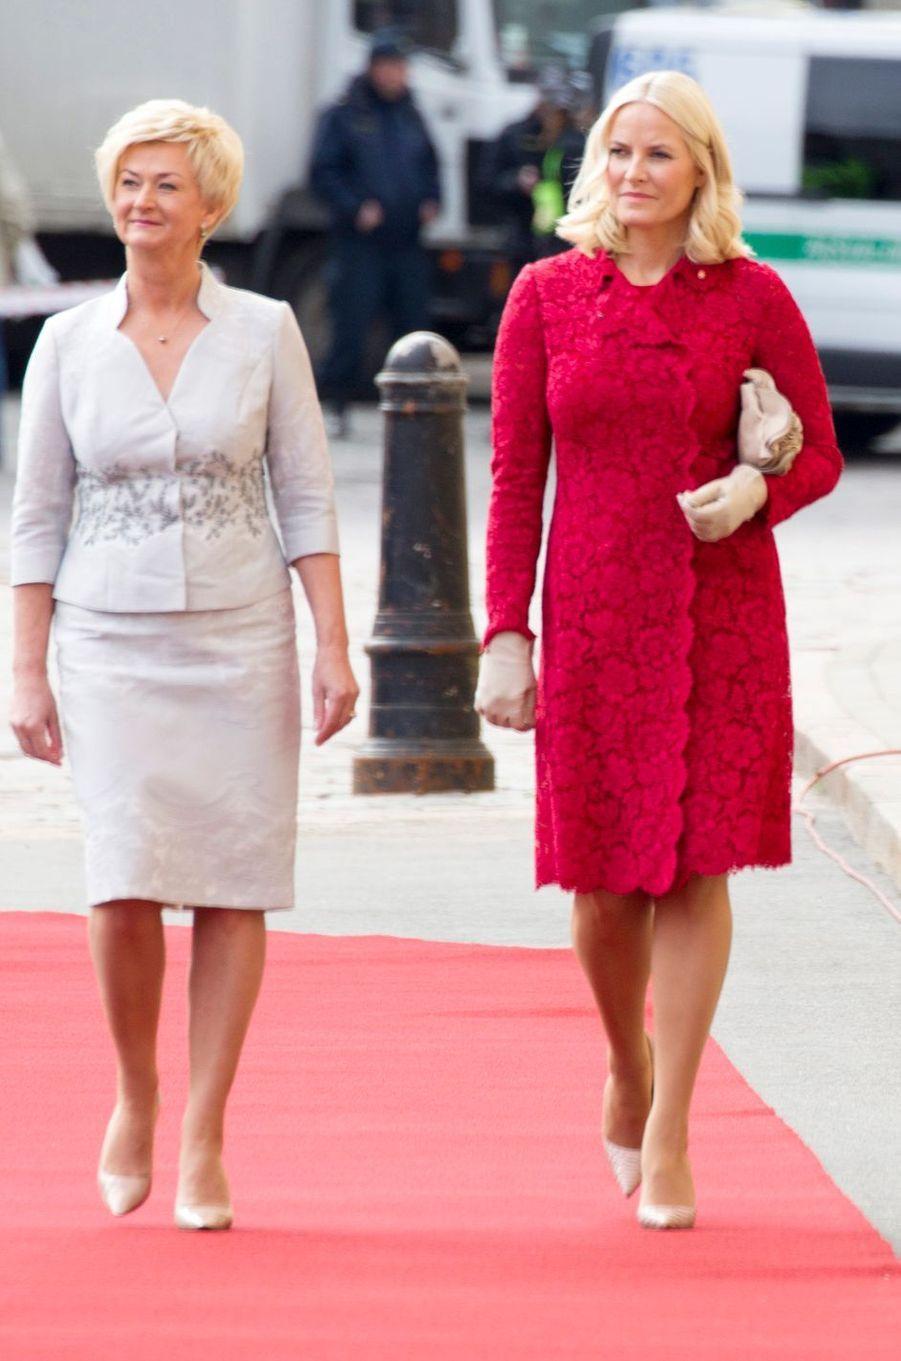 La princesse Mette-Marit de Norvège avec la Première dame de Lettonie à Riga, le 23 avril 2018